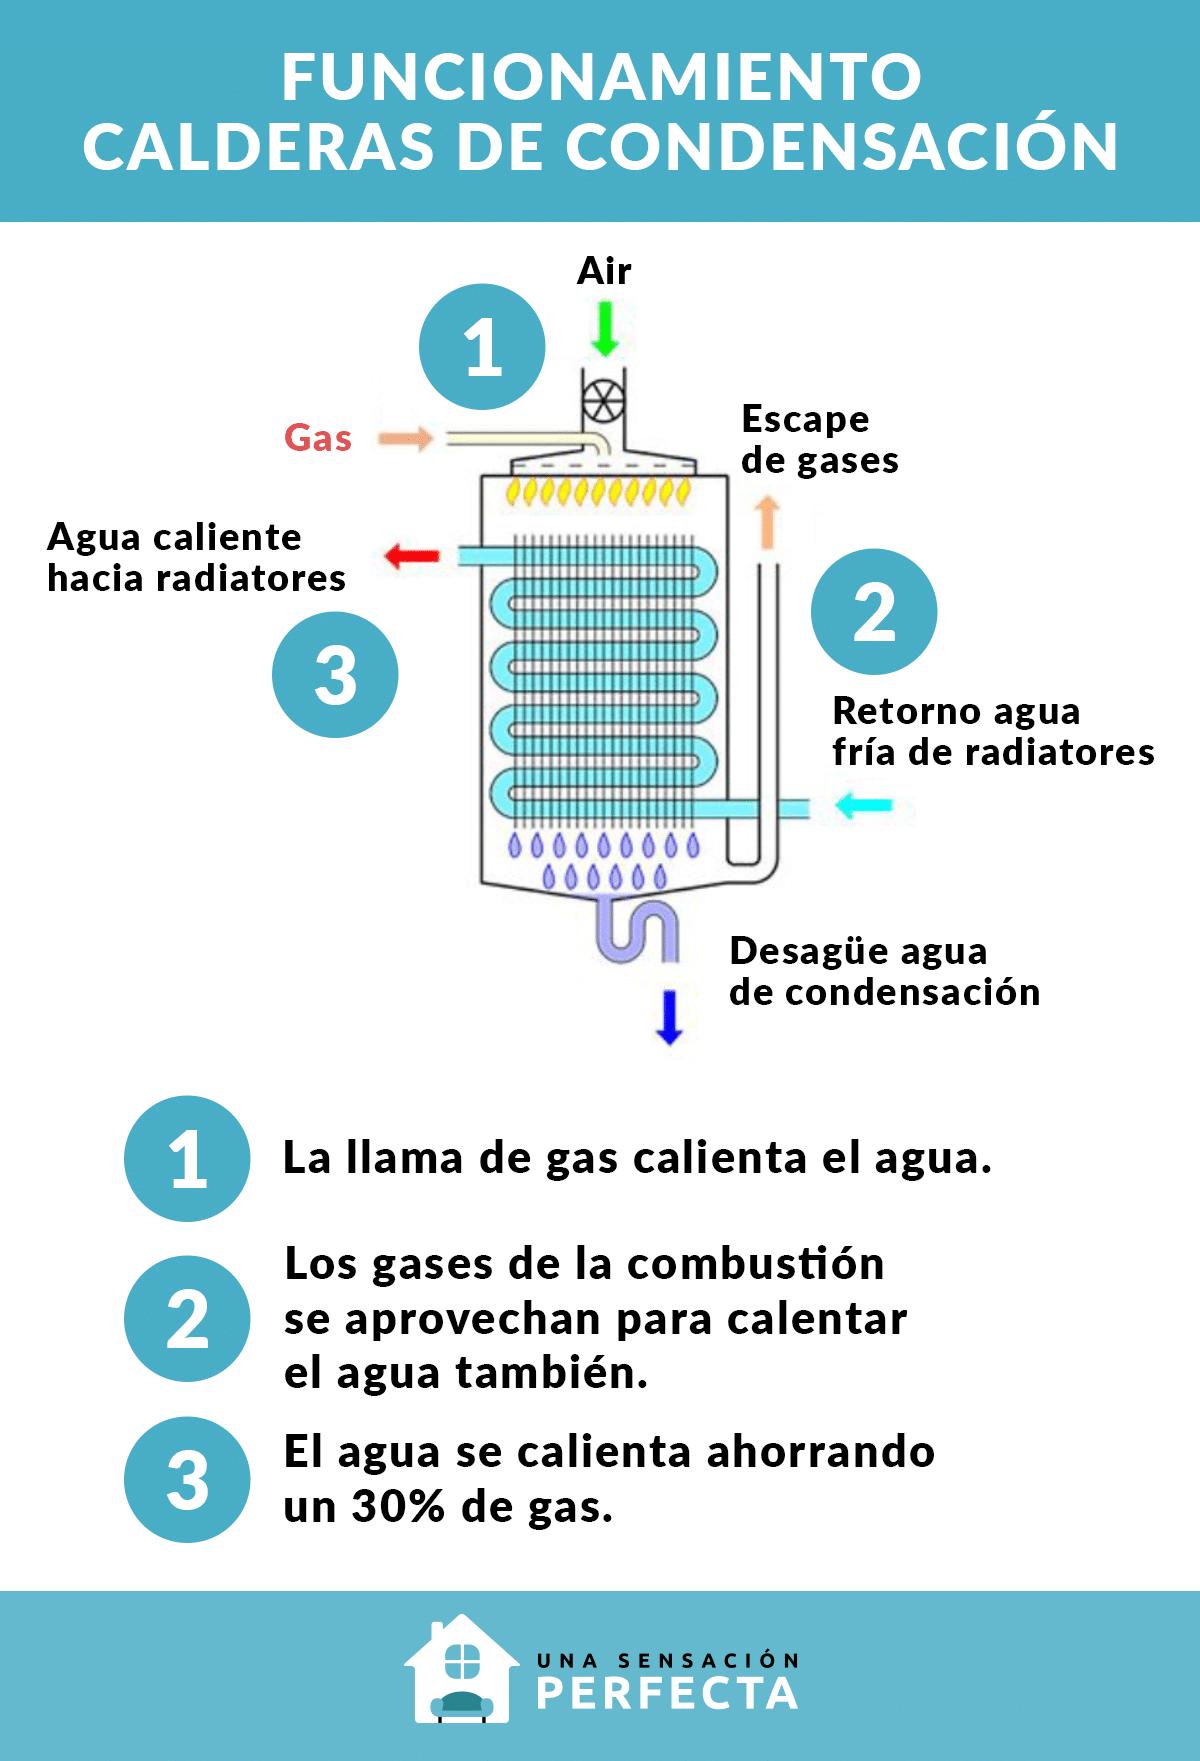 Funcionamiento de la caldera de condensación - unasensacionperfecta.es